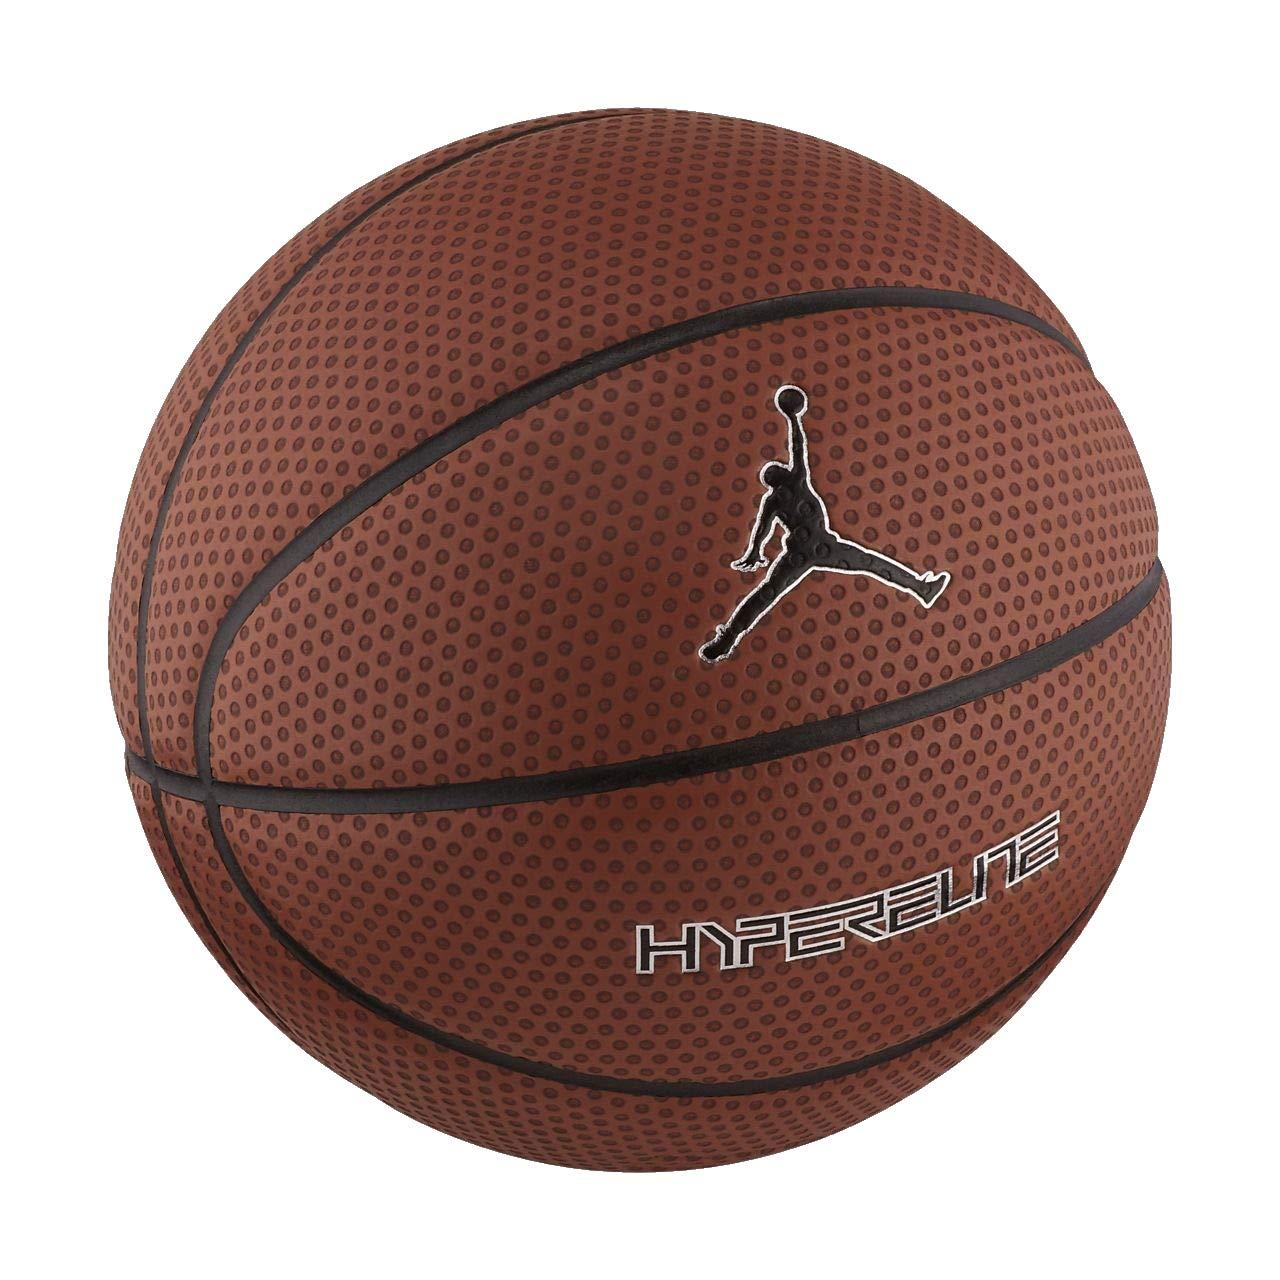 Jordan Hyper Elite 8P Pelota Baloncesto Unisex Adulto, Multicolor ...